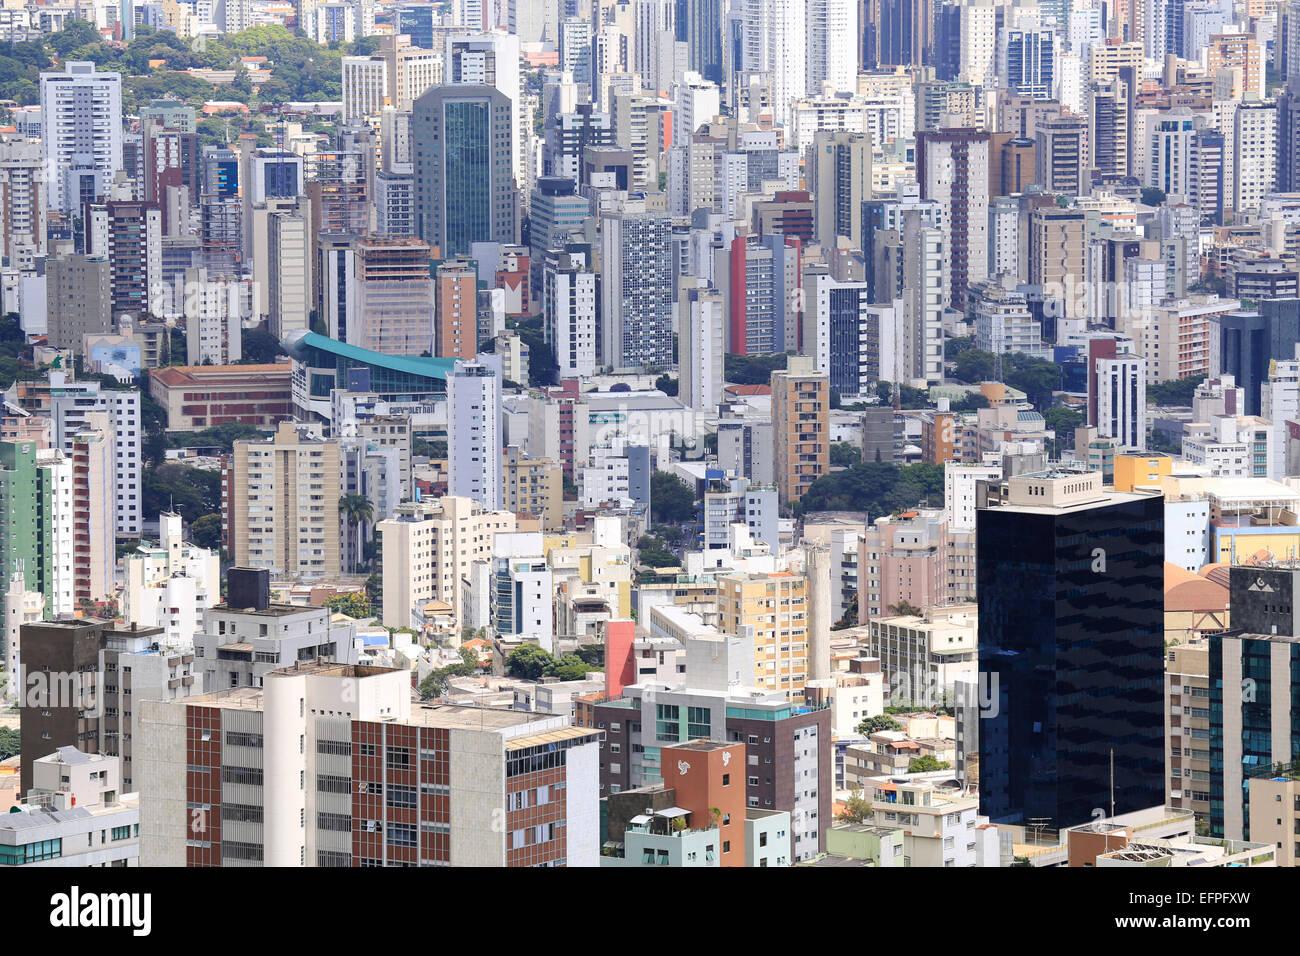 Les immeubles à appartements dans le centre-ville, à Belo Horizonte, Minas Gerais, Brésil, Amérique Photo Stock